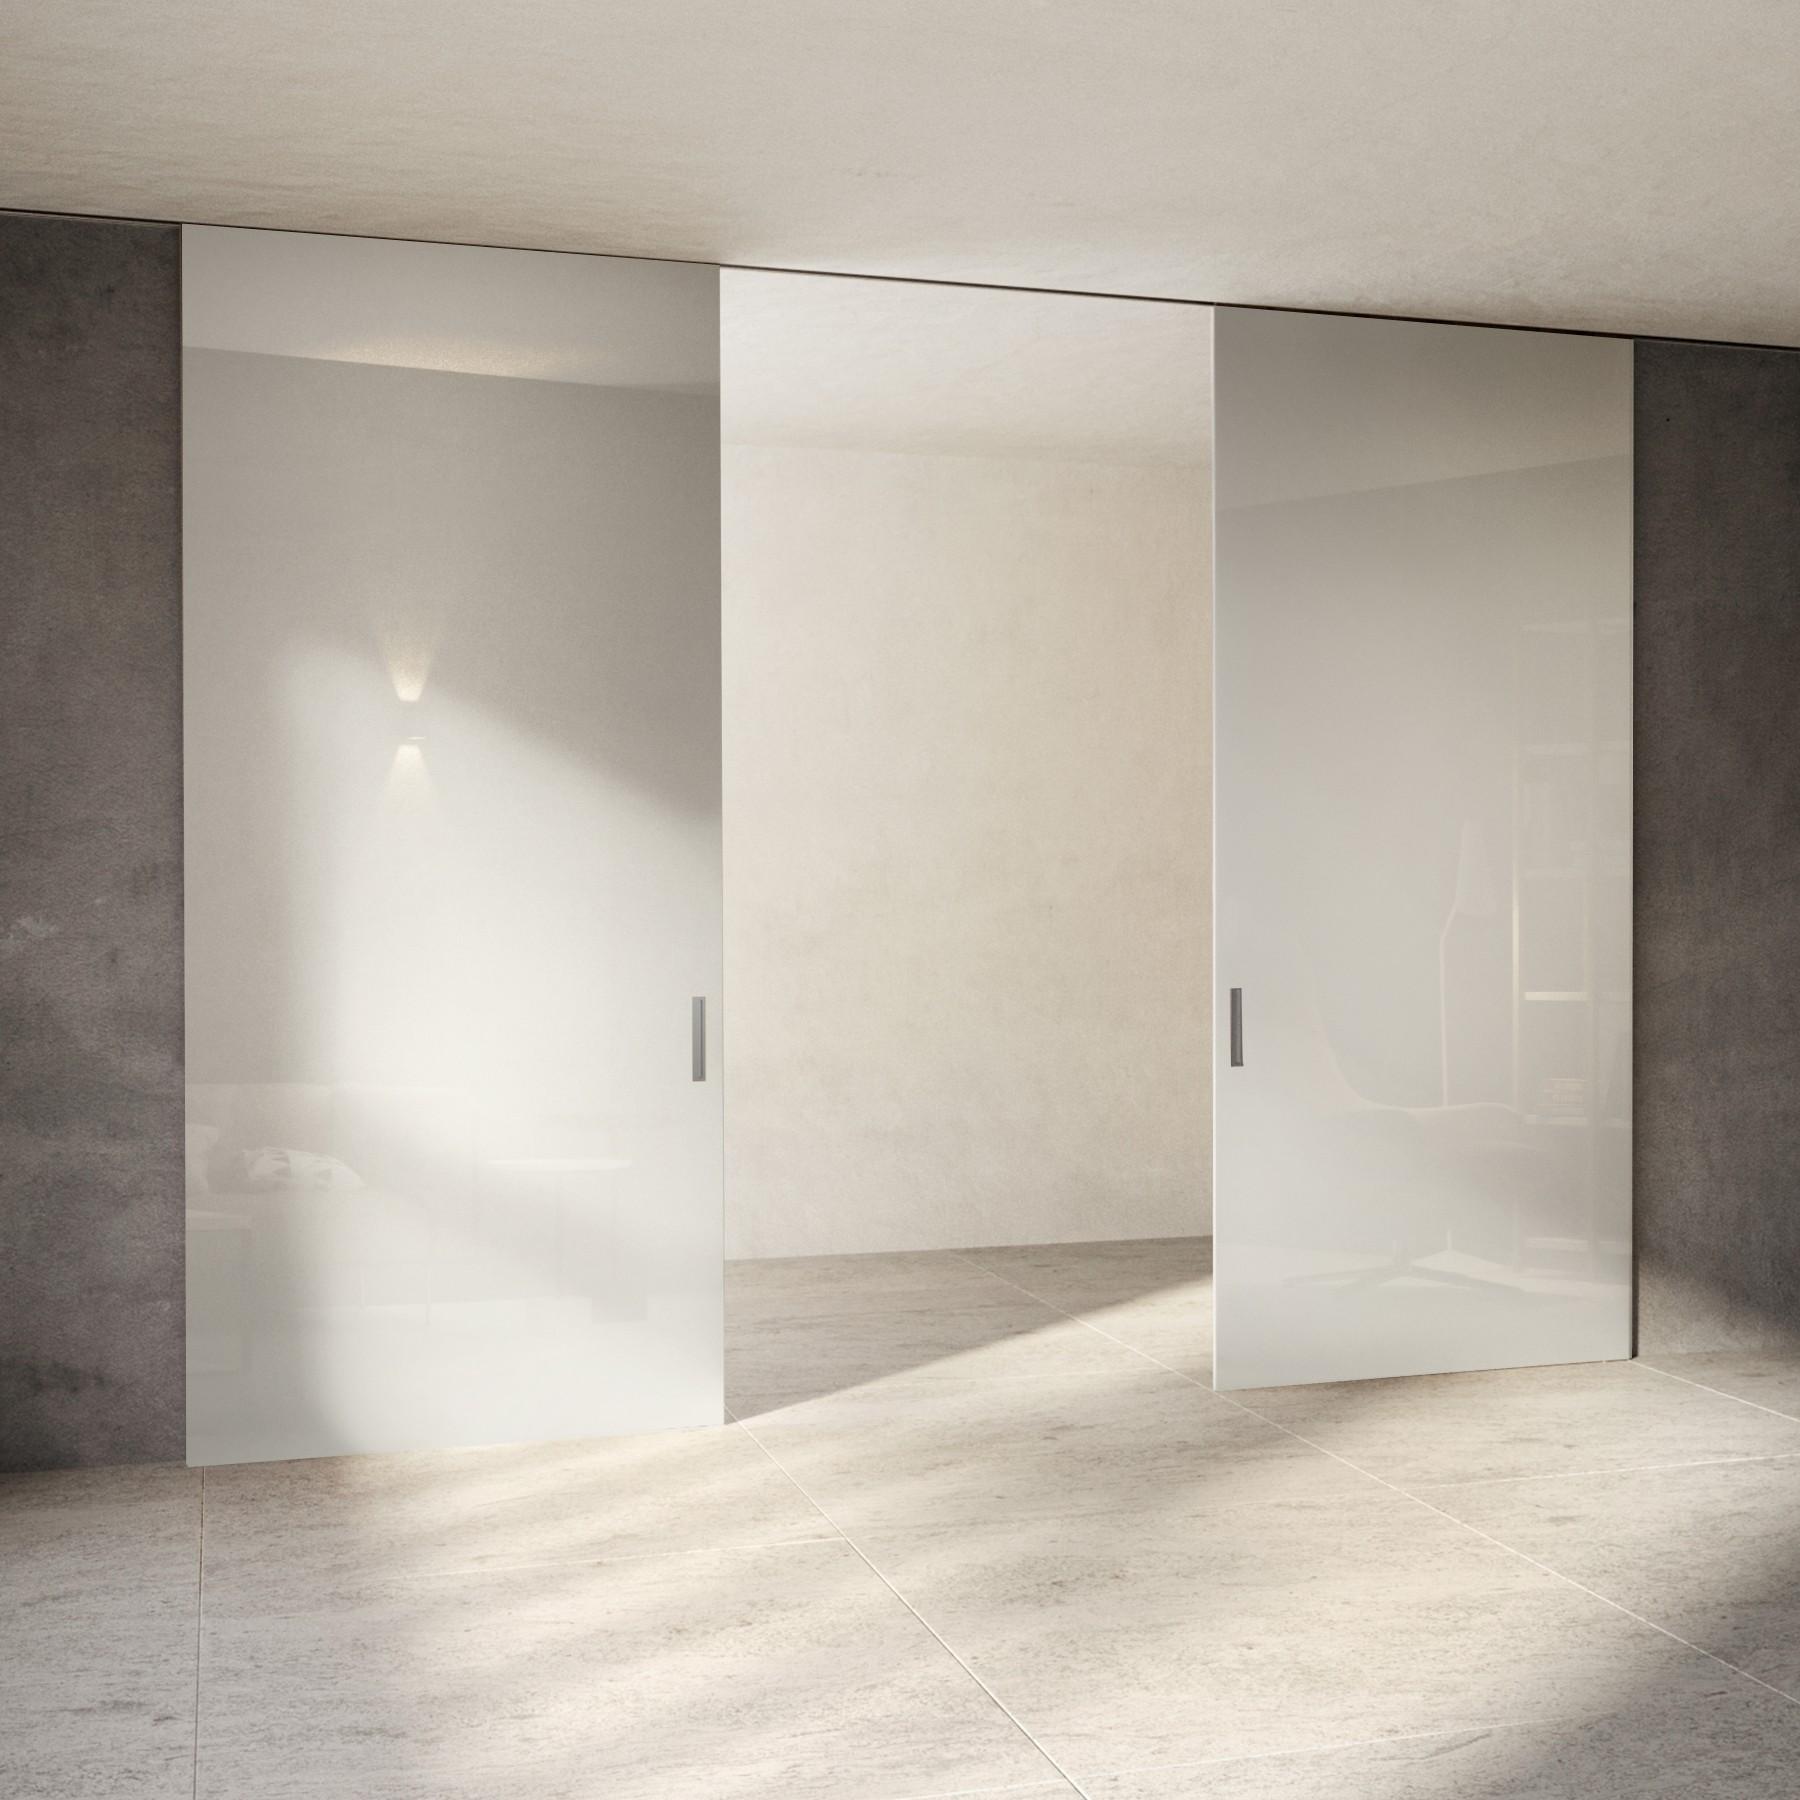 Scenario Lignum grigio lux glossy